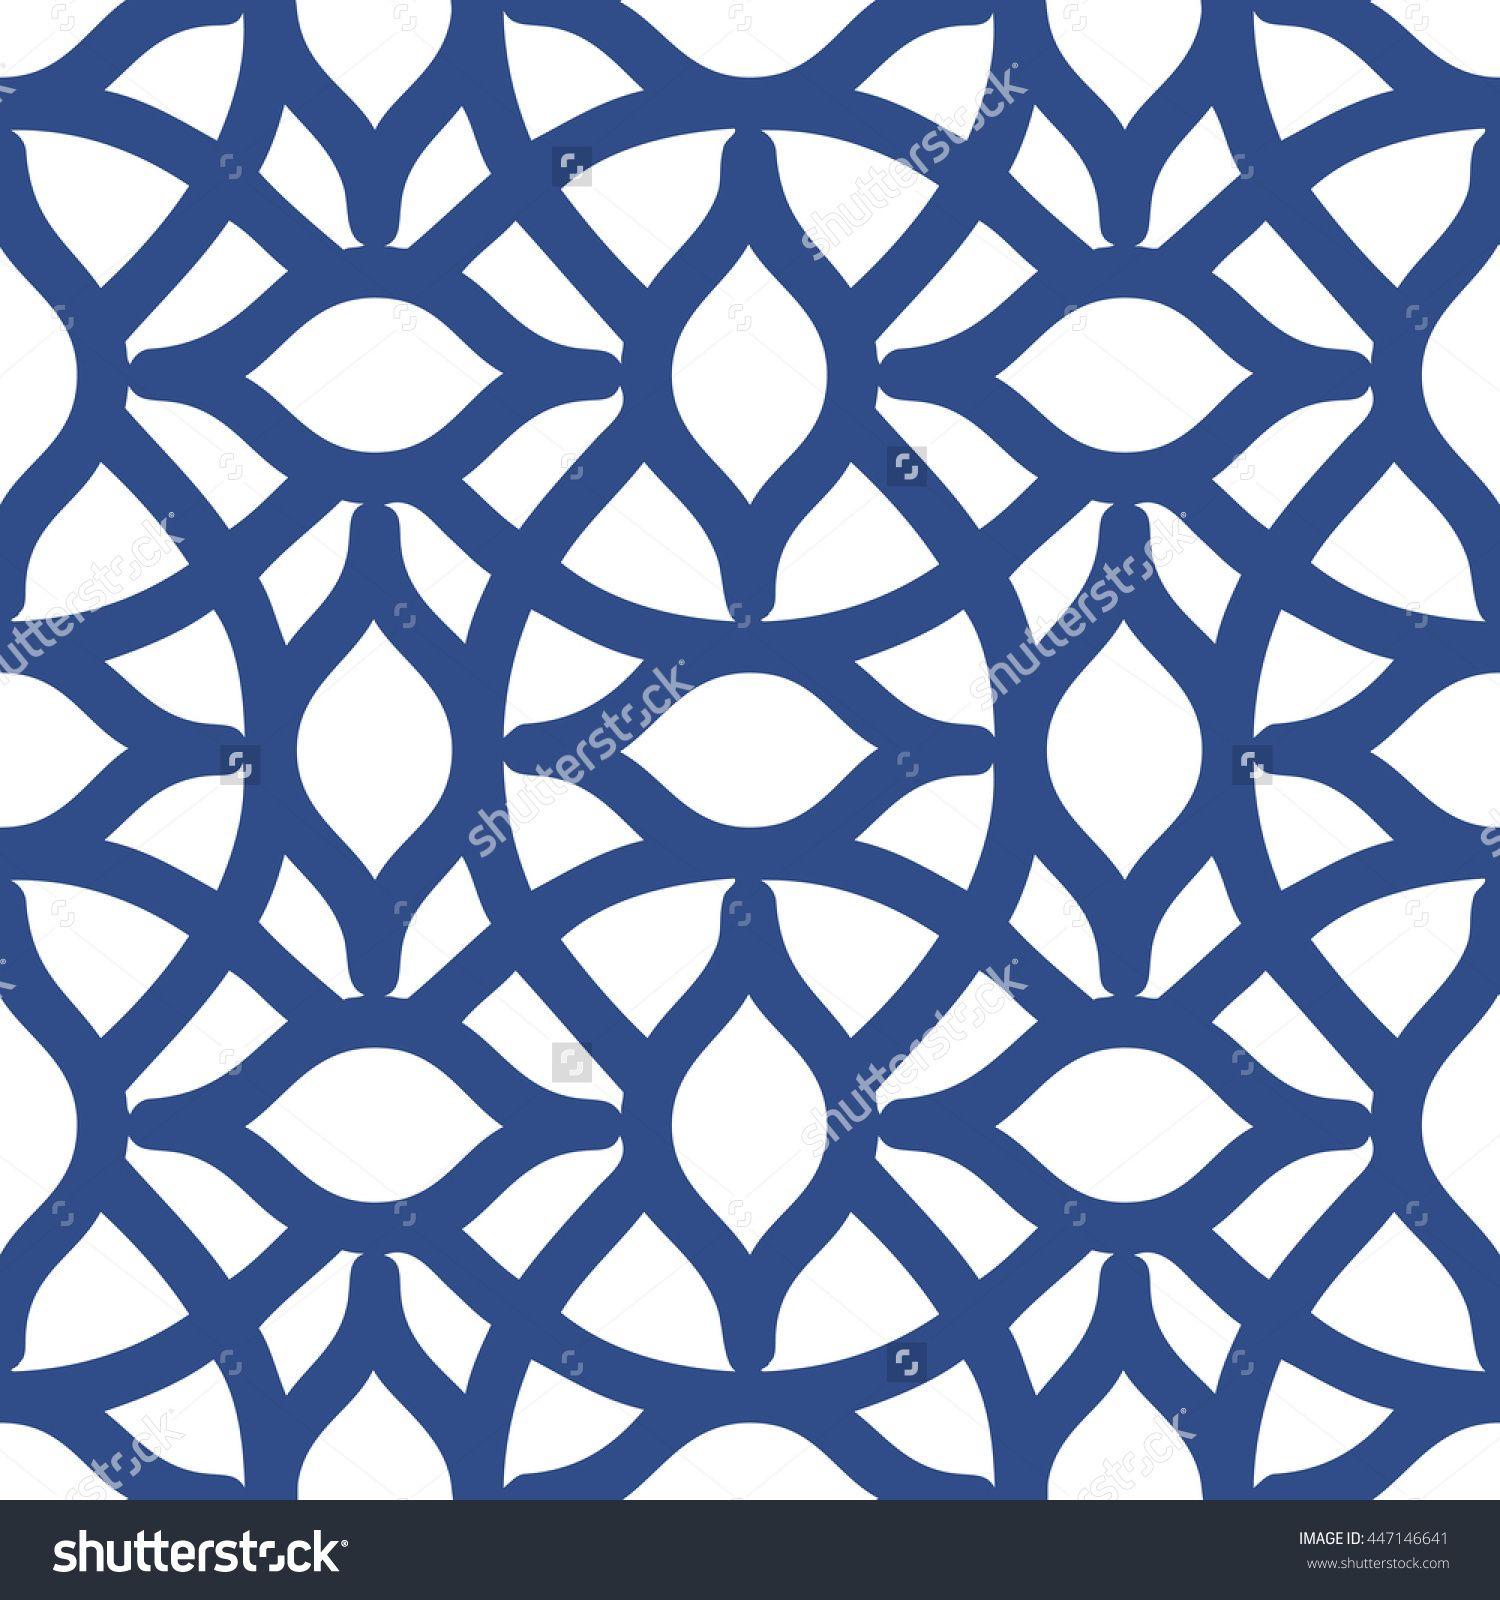 Seamless Arabesque Trellis Pattern Background Tile Stock Vector Illustration 447146641 : Shutterstock